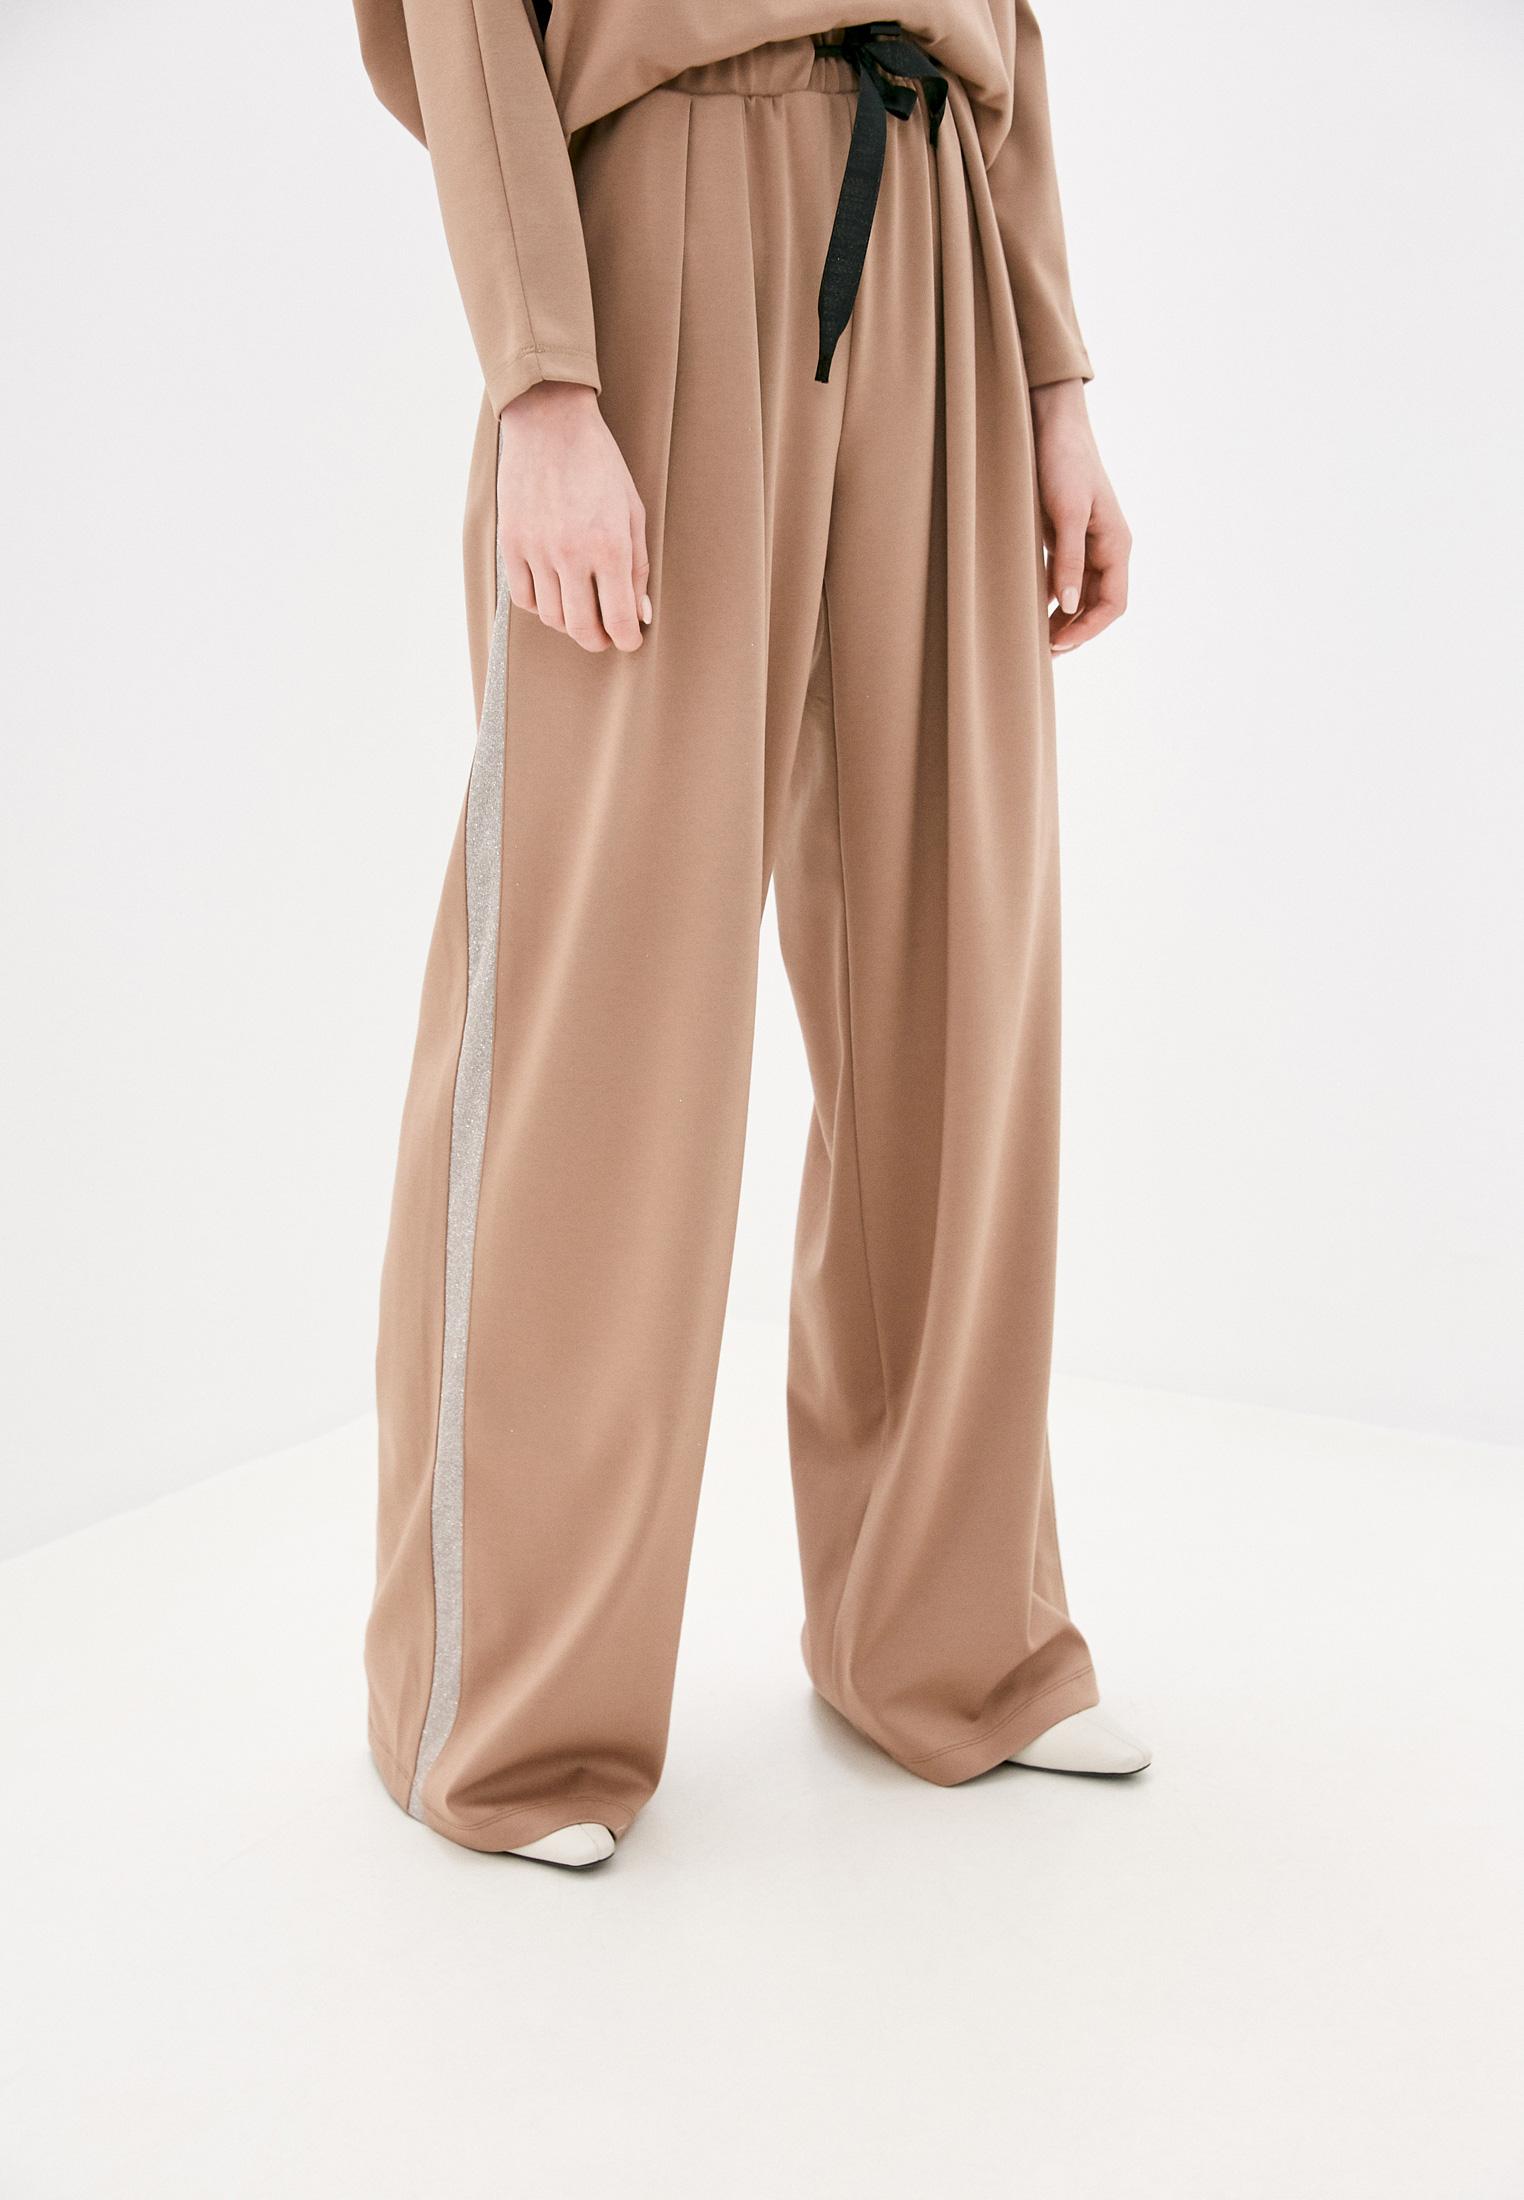 Женские широкие и расклешенные брюки Nataliy Beate Брюки мод 509 а: изображение 1